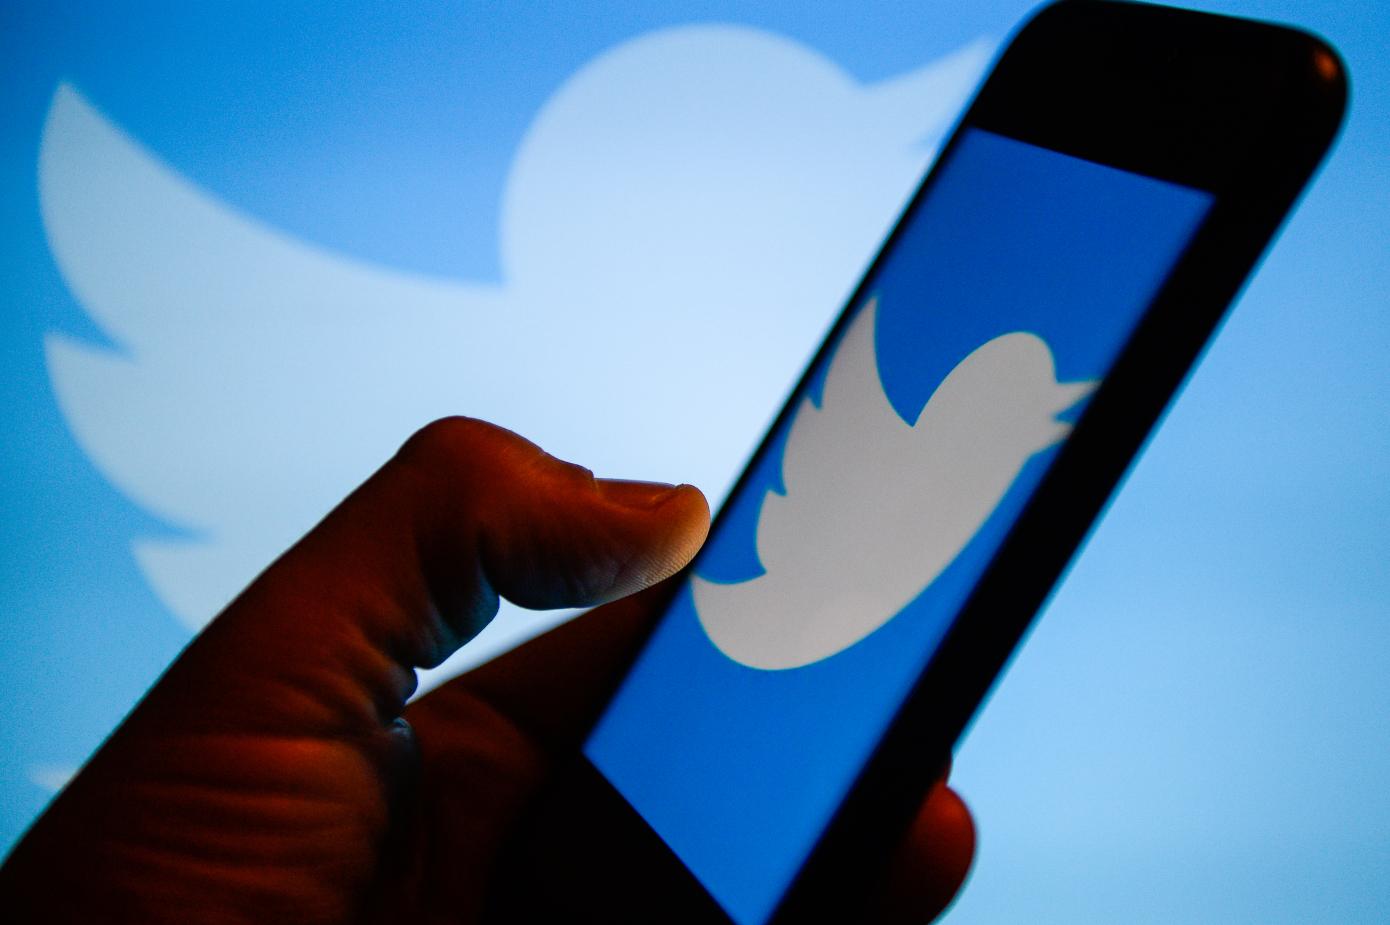 Twitter prueba una función que motiva a leer el artículo antes de retuitear